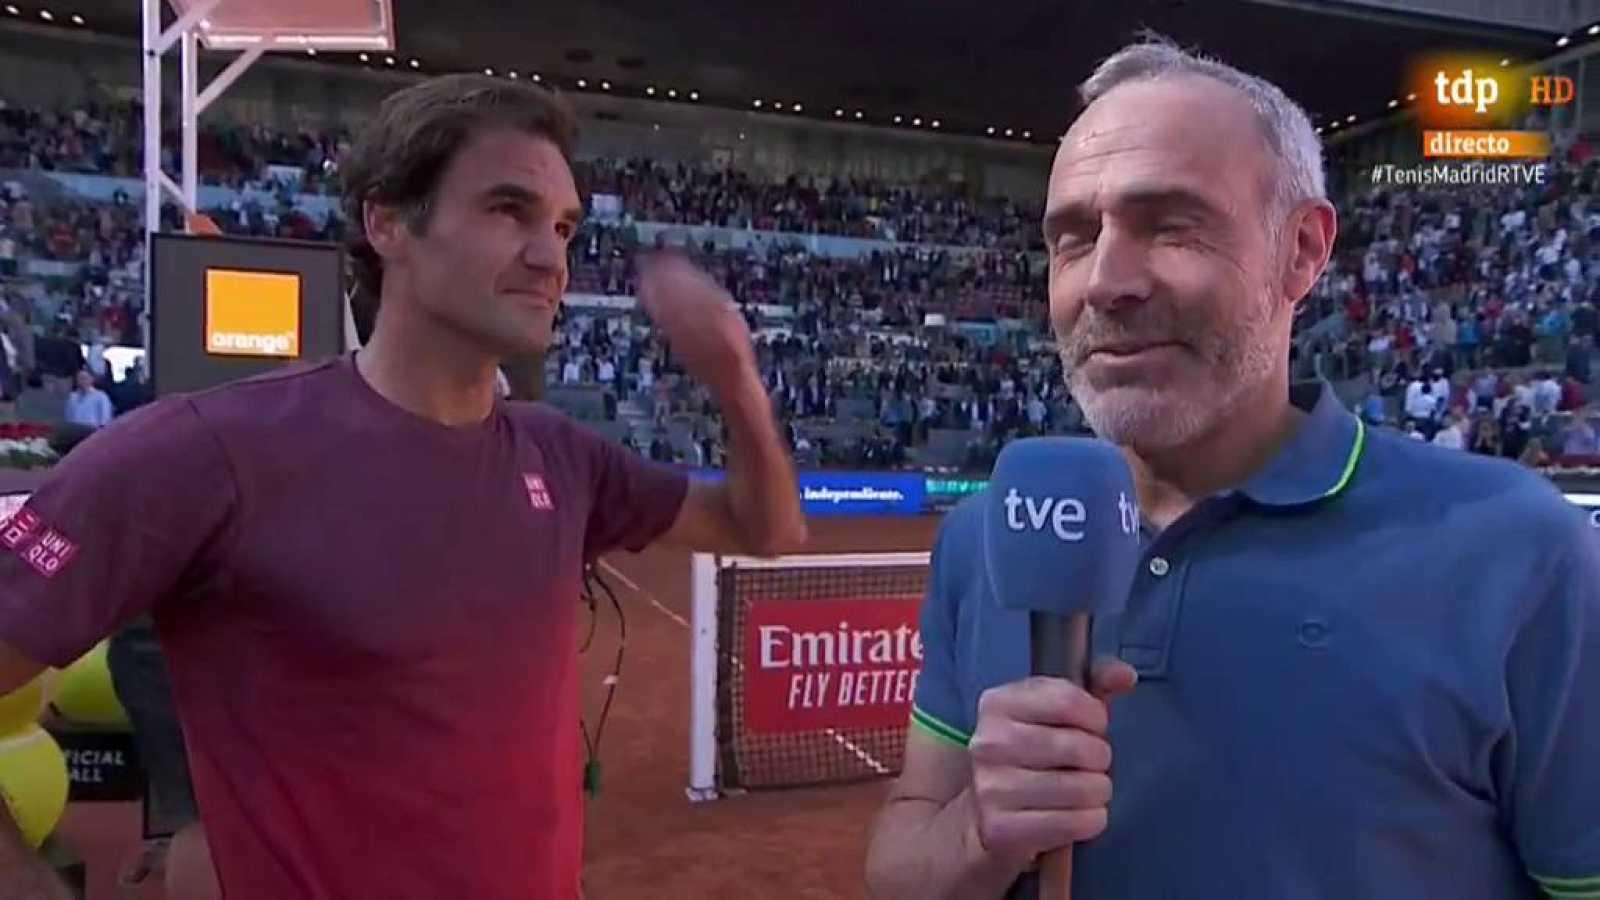 El tenista suizo Roger Federer sufrió mucho este jueves para  meterse en los cuartos de final del Mutua Madrid Open, cuarto Masters  1.000 de la temporada, después de deshacerse en tres sets, y salvando  dos bolas de partido, mientras que menos probl